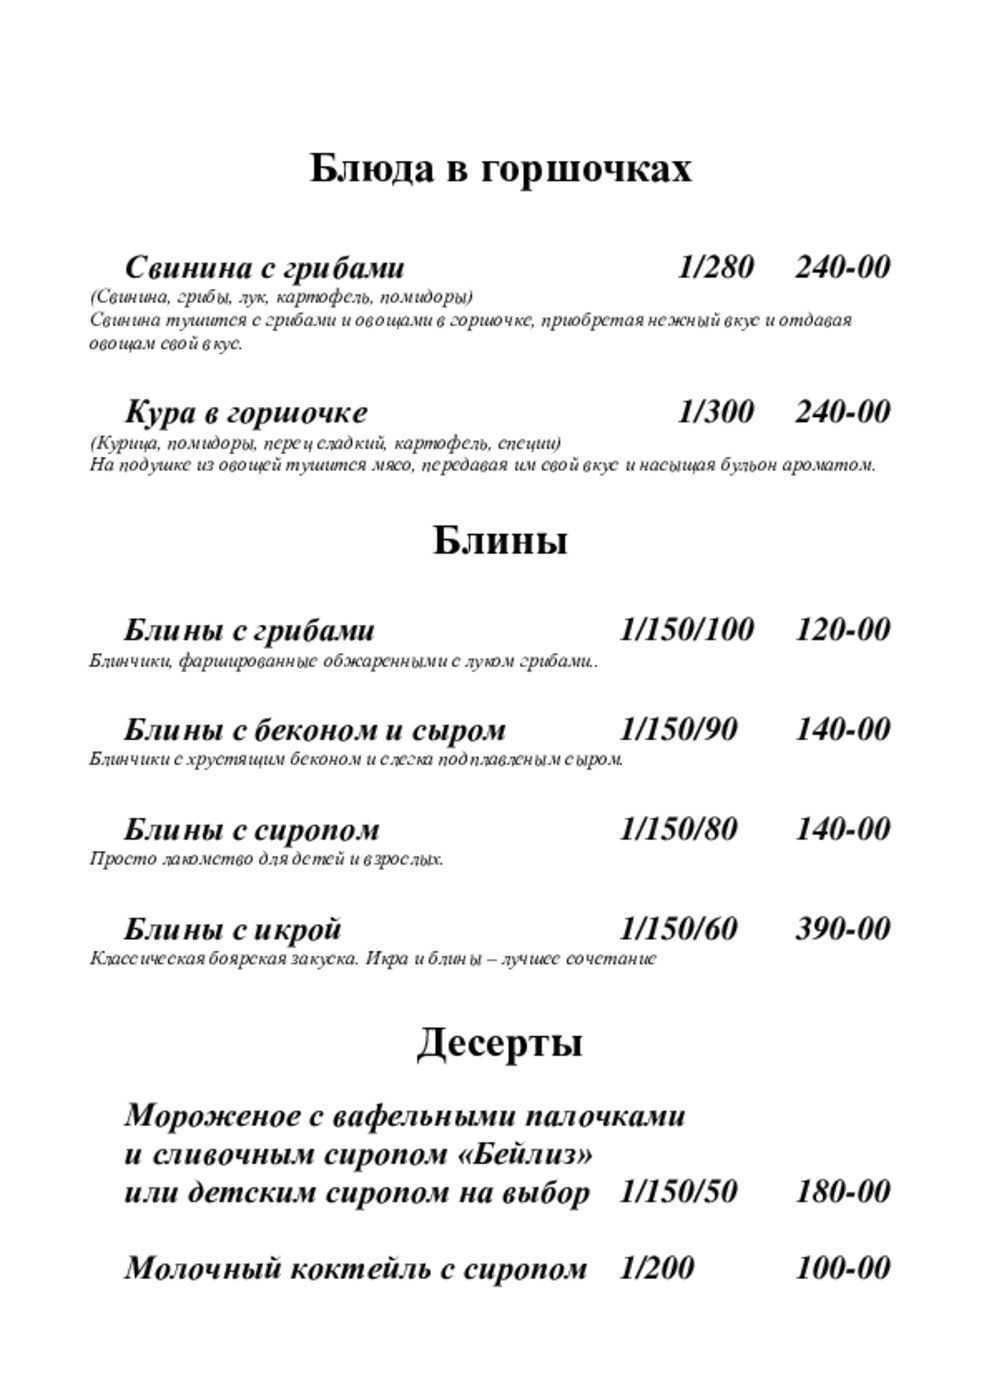 Меню кафе Старый город на улице Достоевского фото 9